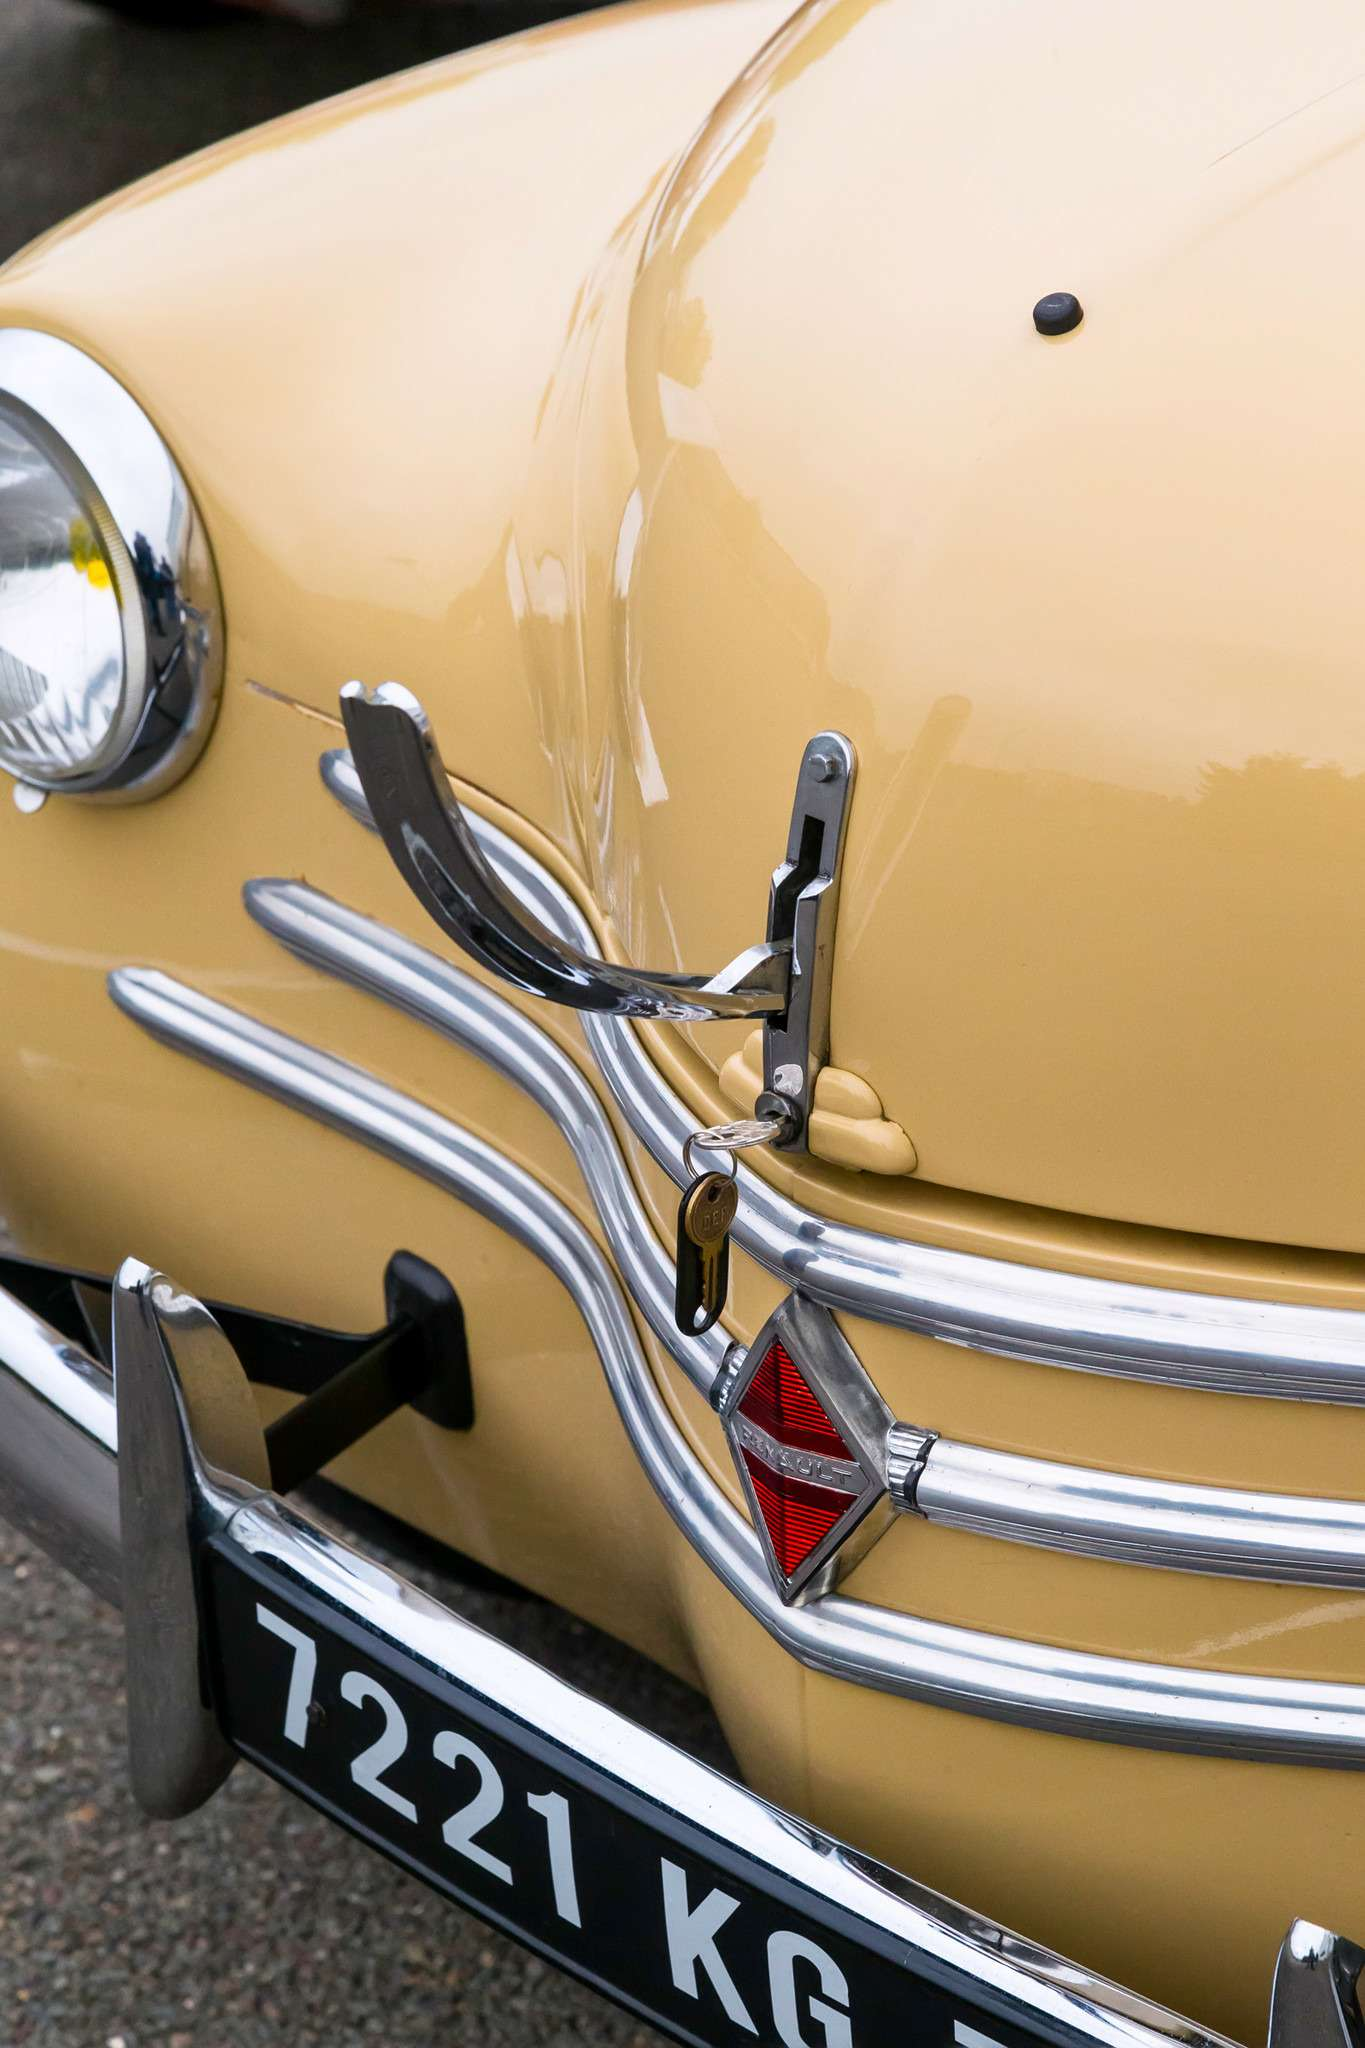 08-Renault-old_zr-01_16